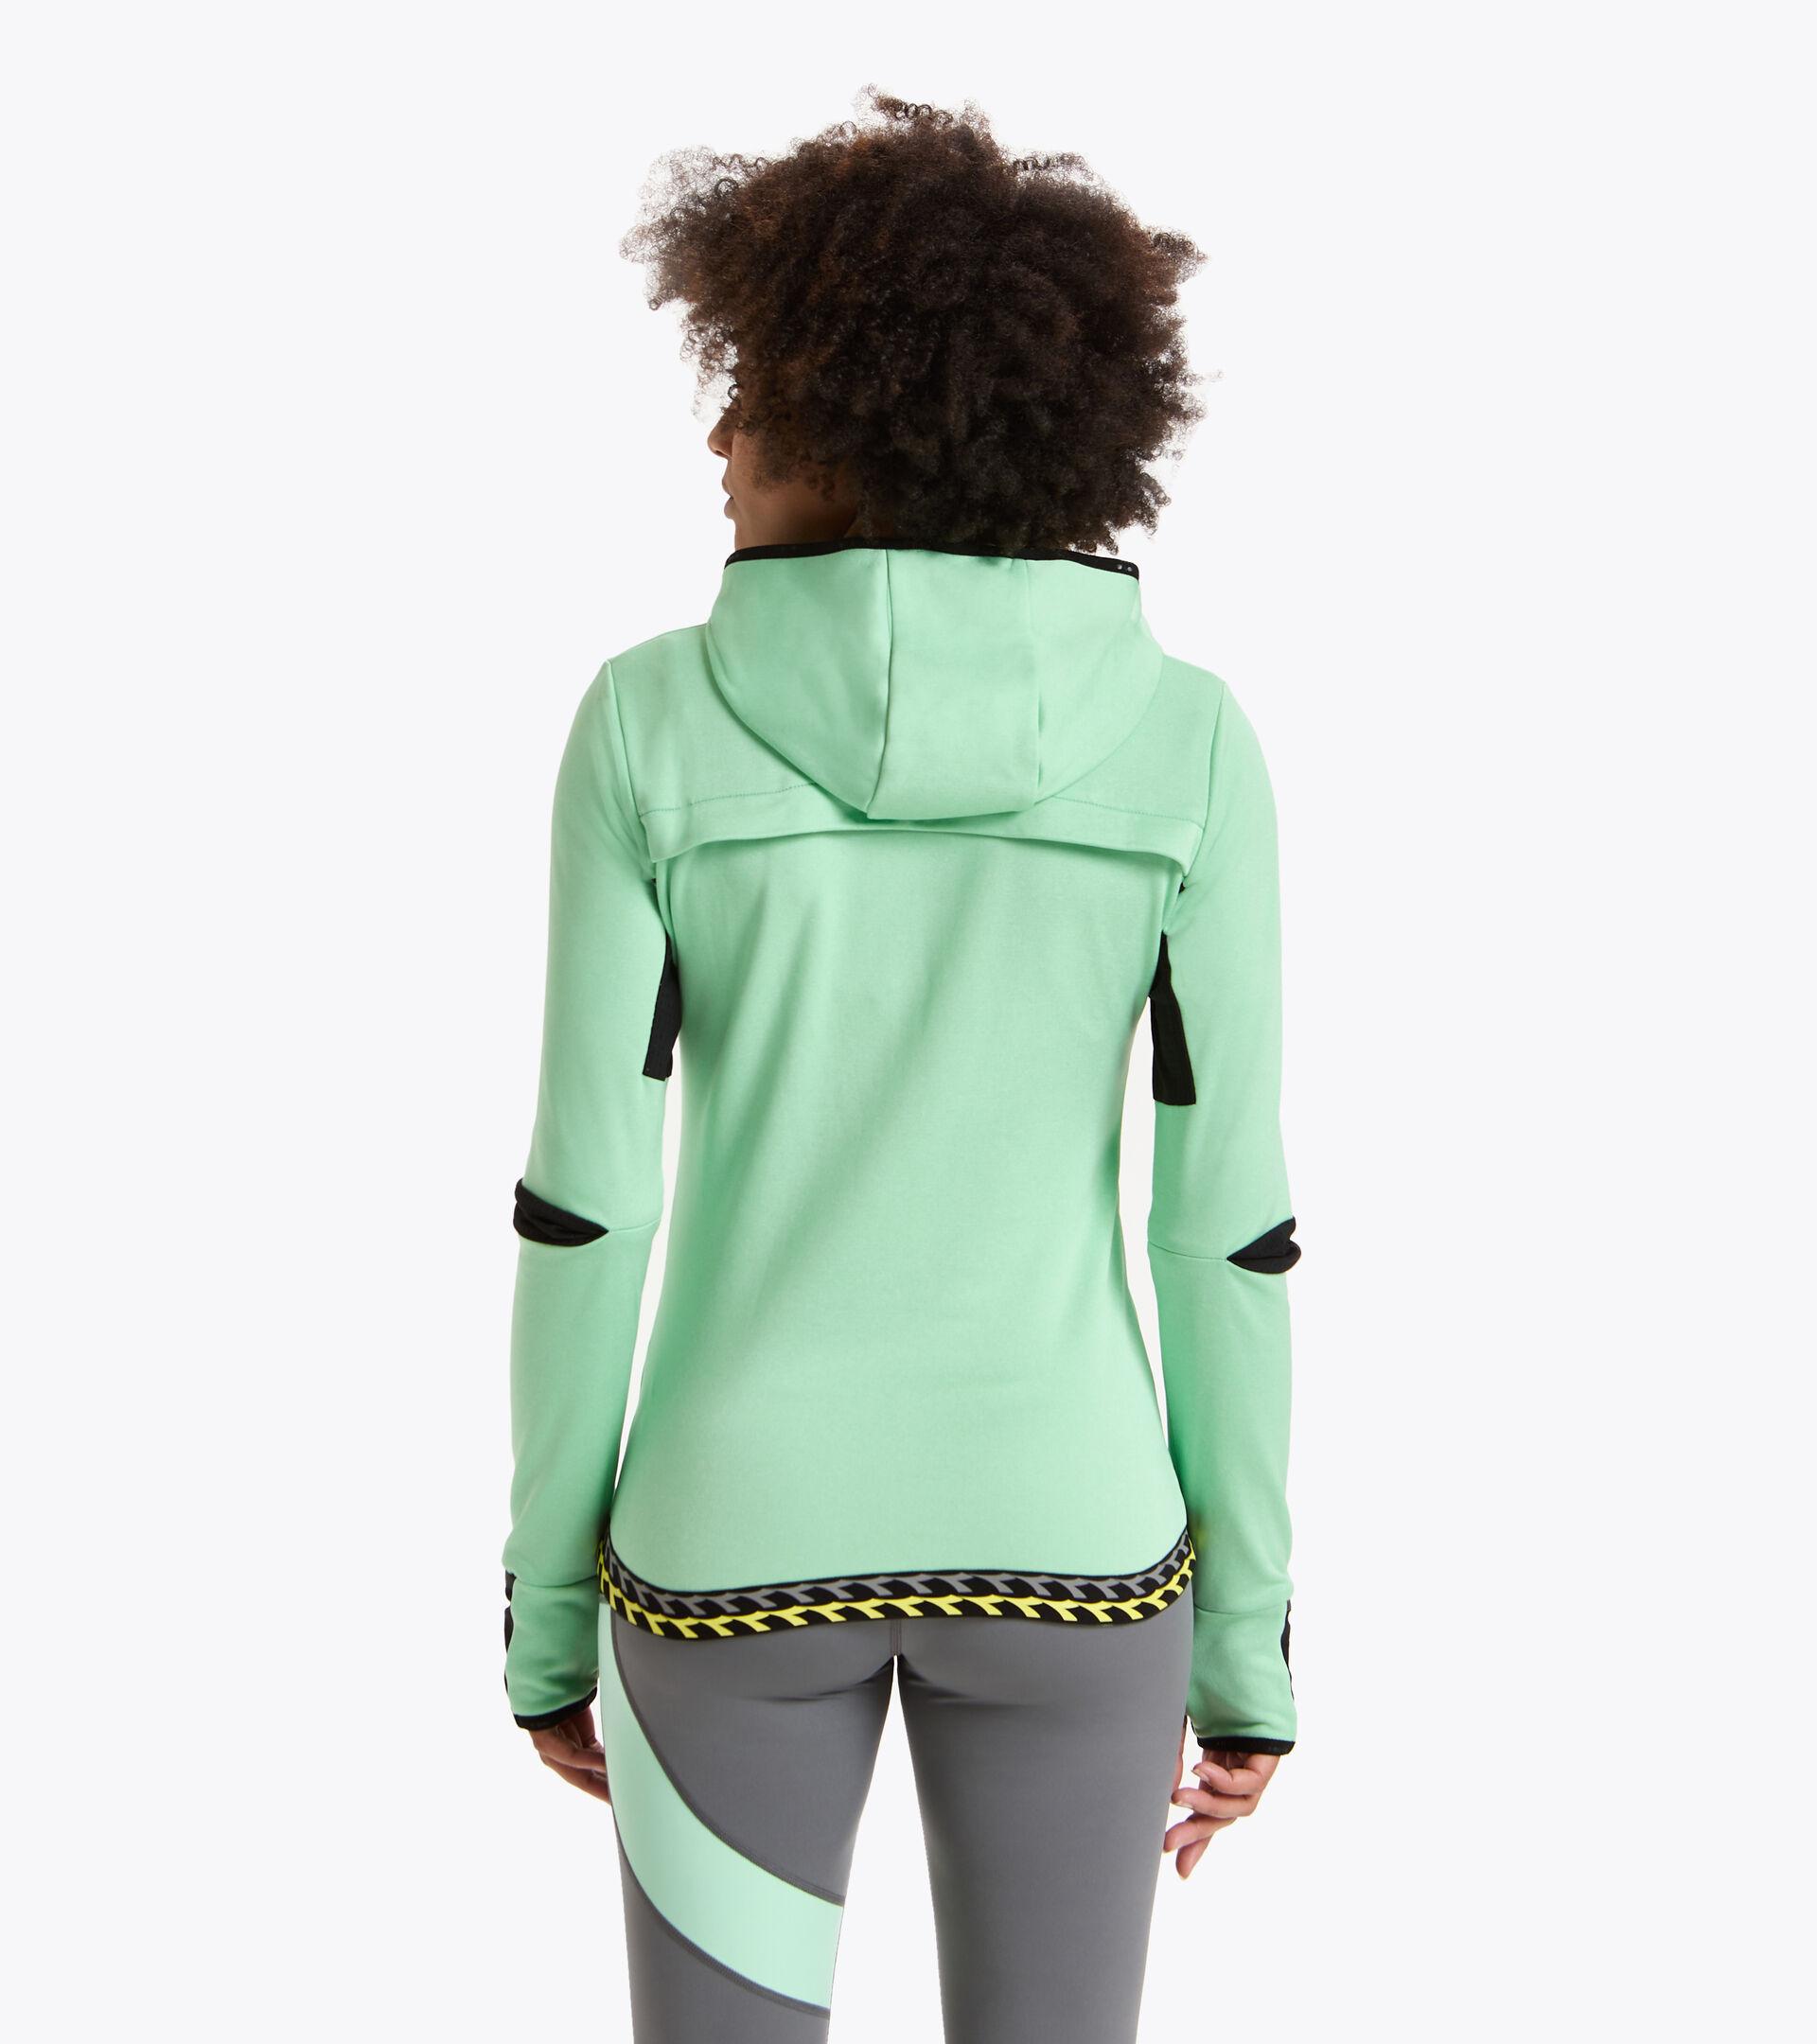 Winter-Laufsweater - Damen L. HD WARM UP WINTER SWEAT ESCHE GRUN - Diadora